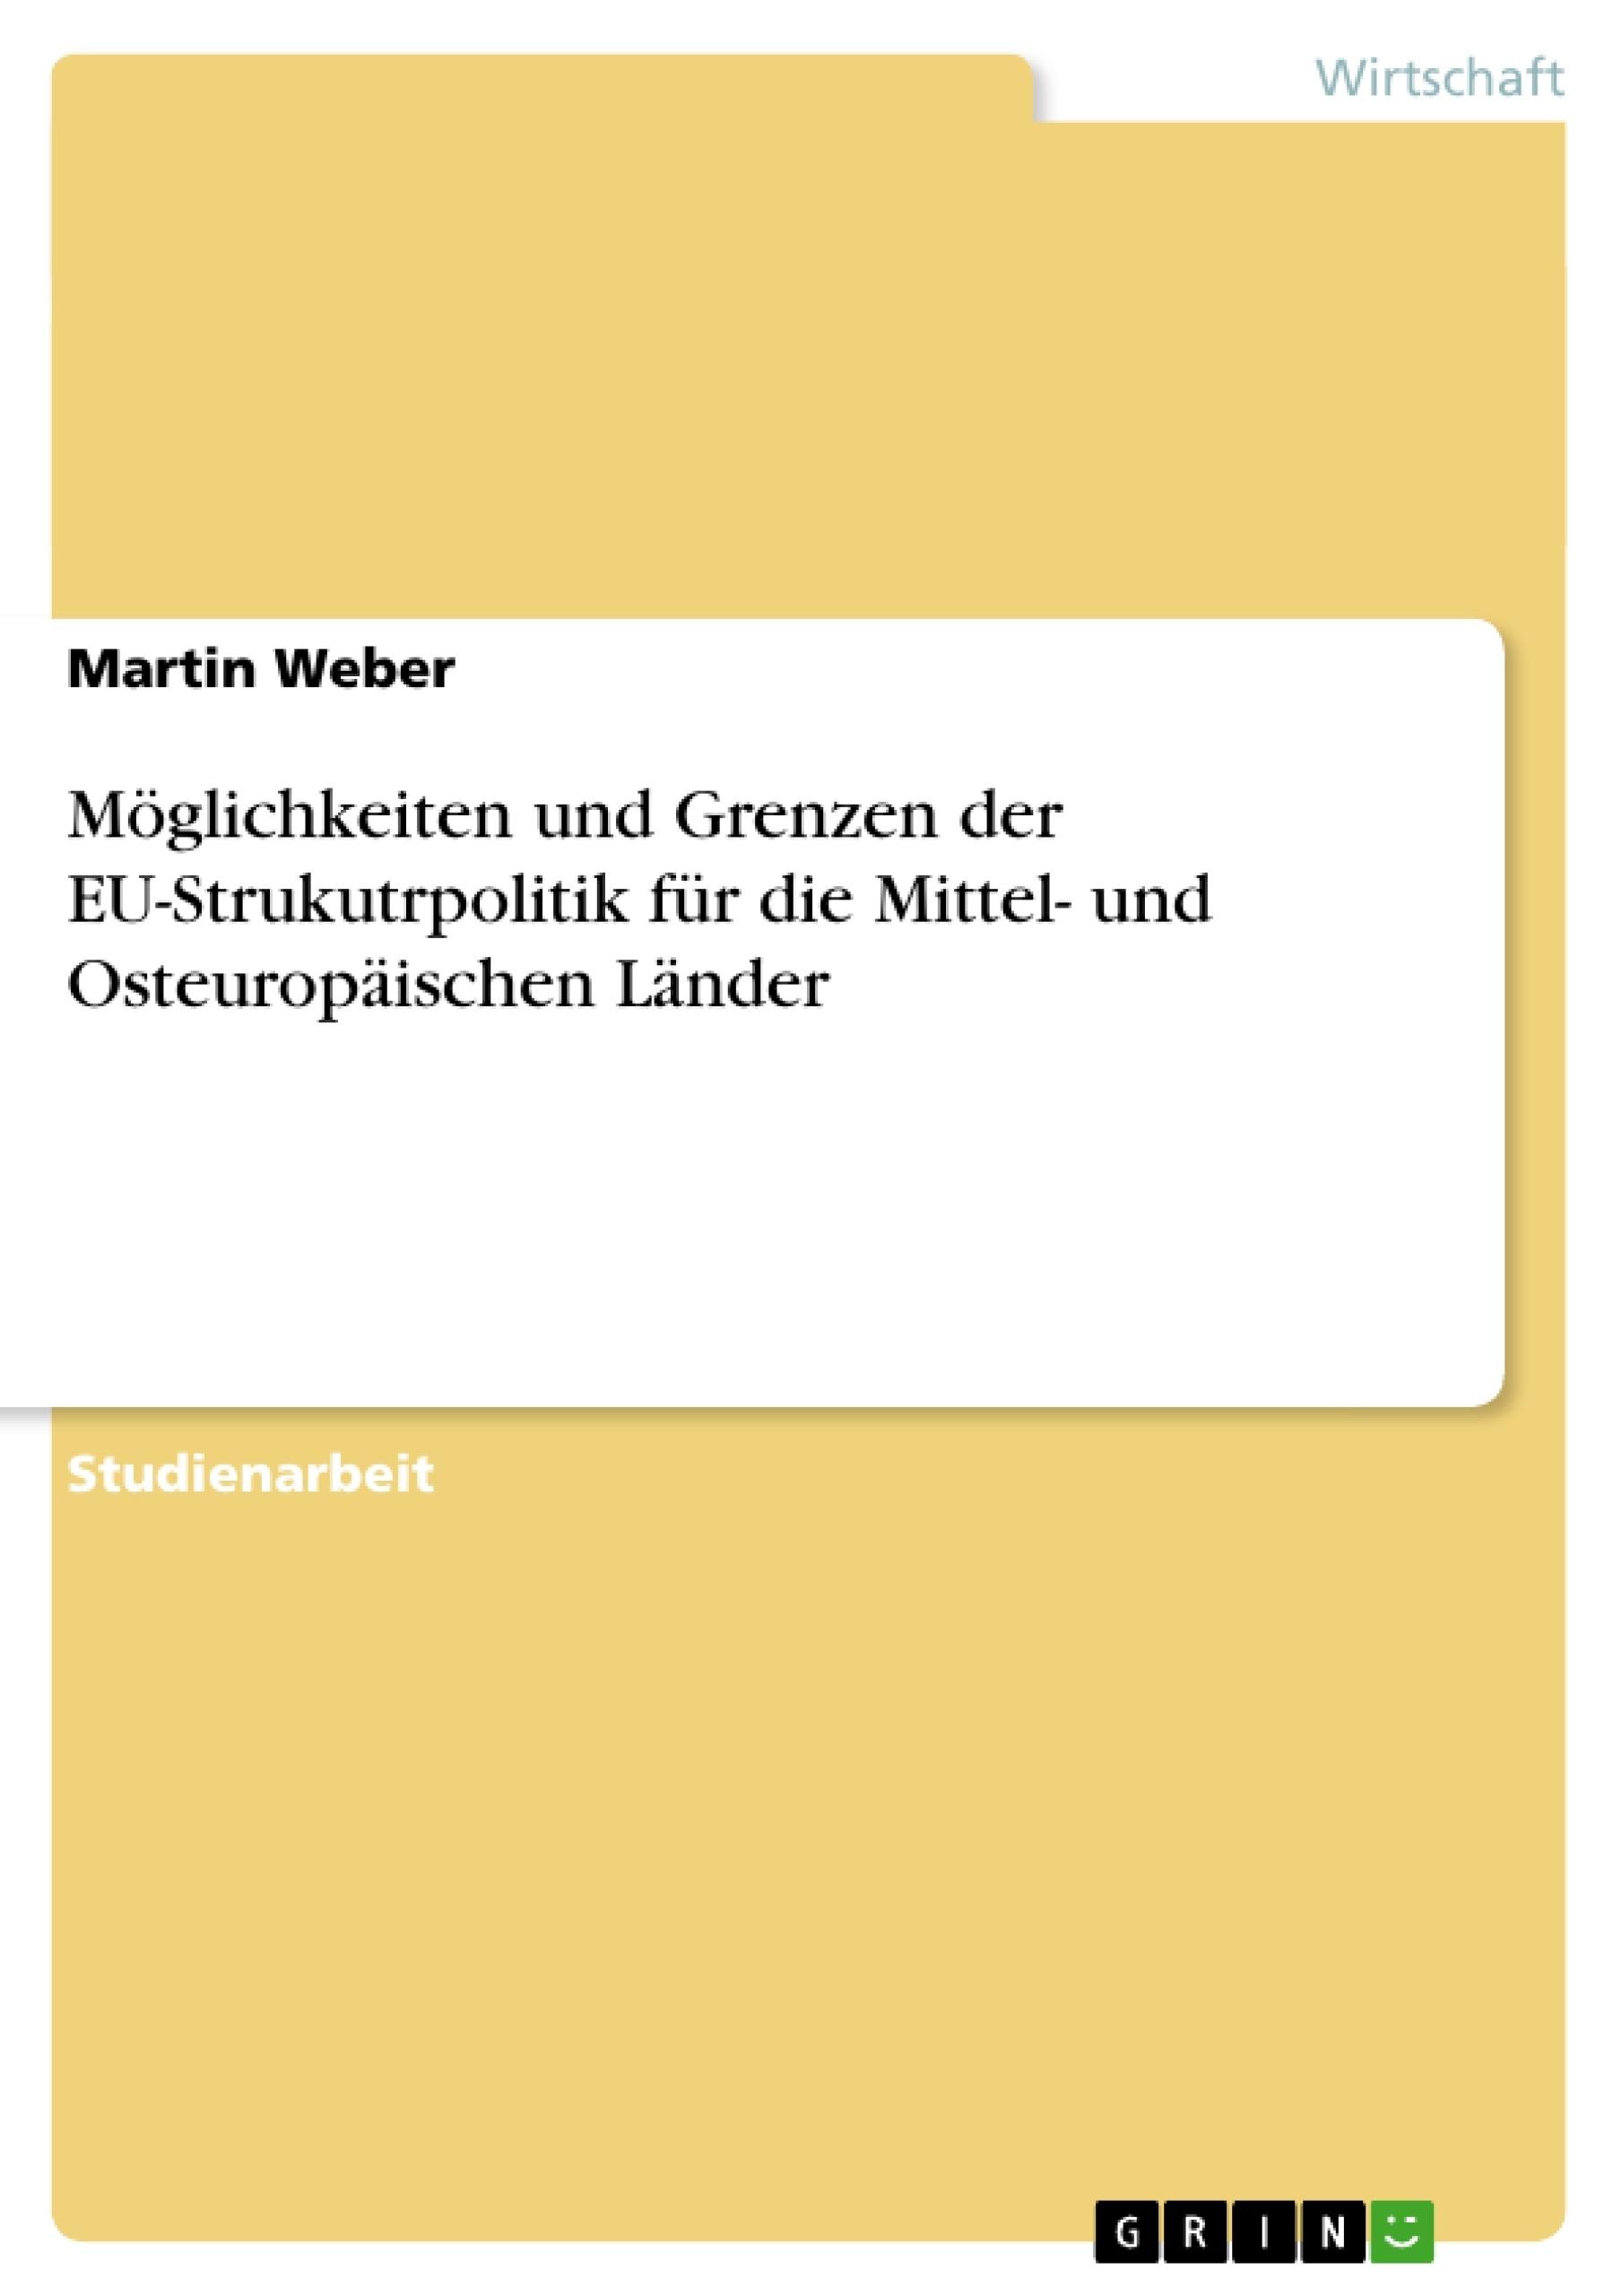 Titel: Möglichkeiten und Grenzen der EU-Strukutrpolitik für die Mittel- und Osteuropäischen Länder